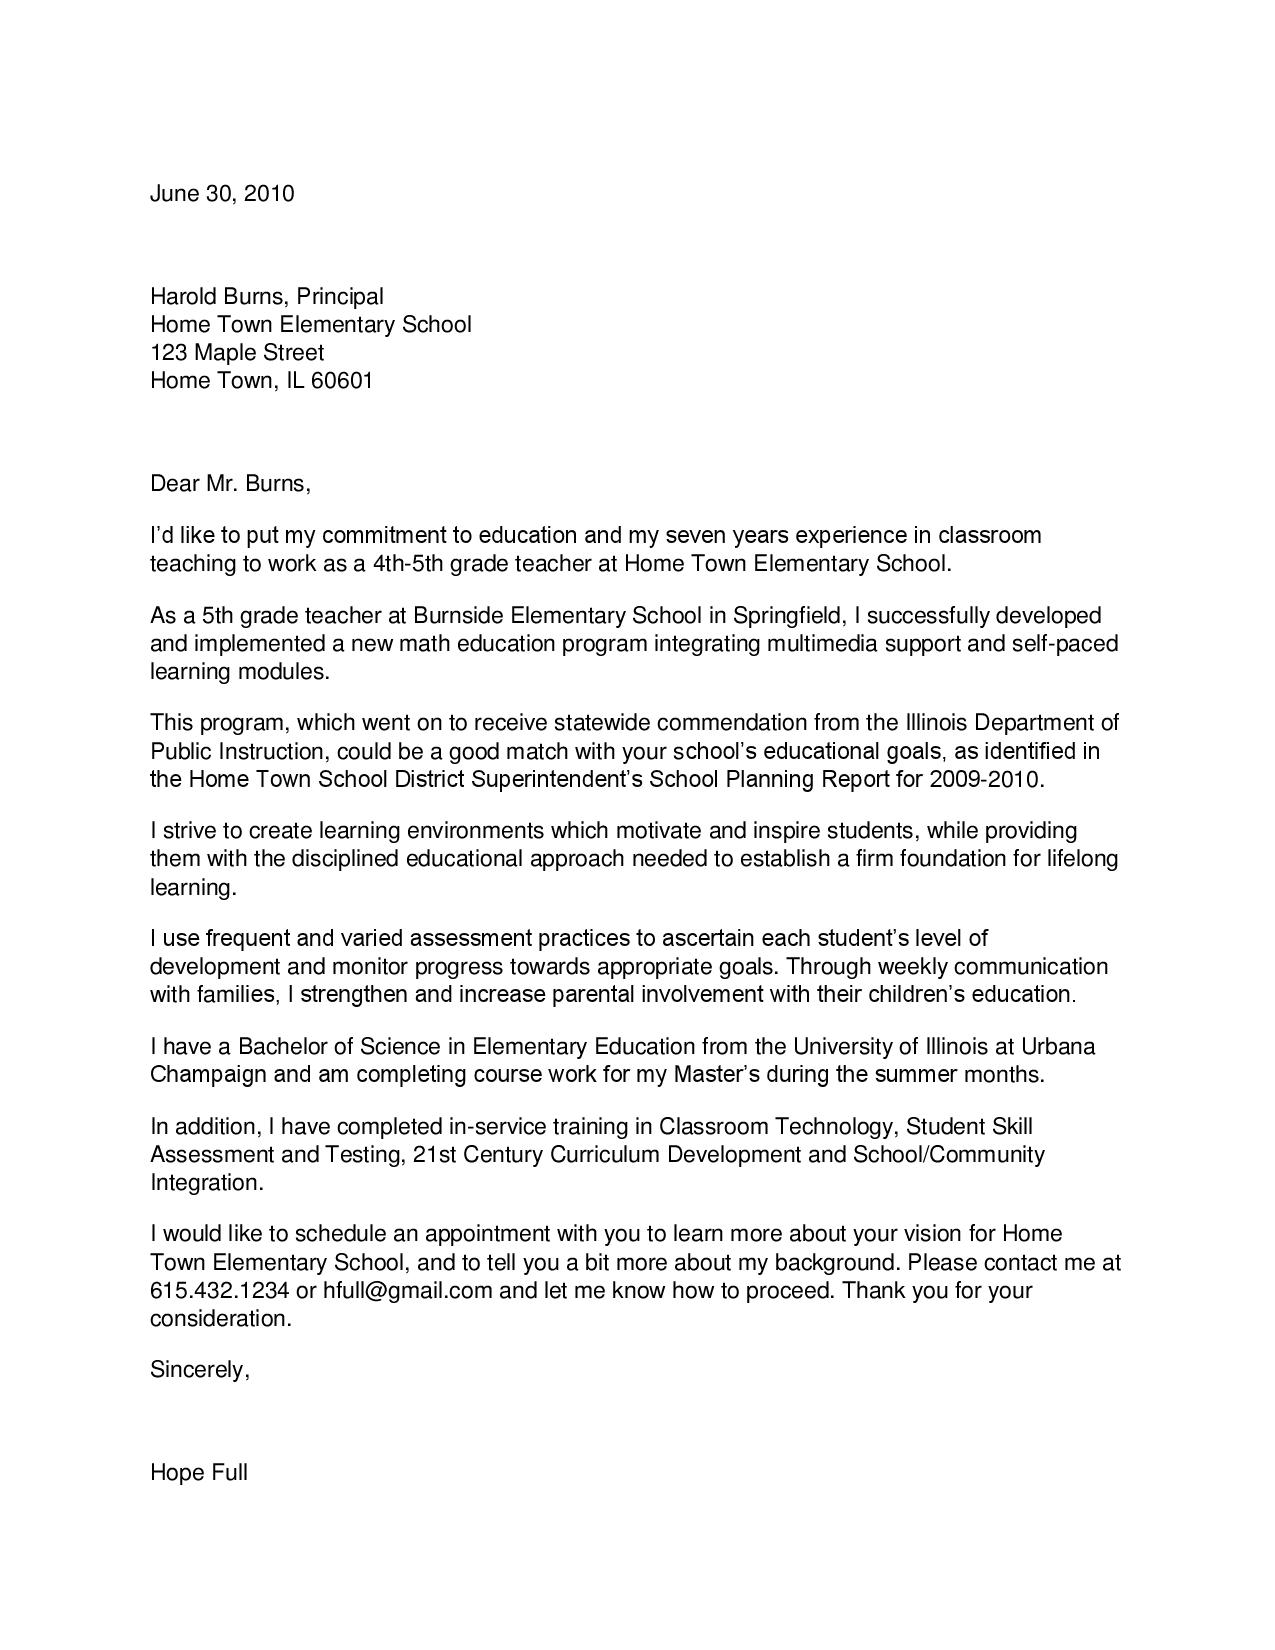 Asian Chef Sample Resume Mortgage Advisor Cover Letter Health